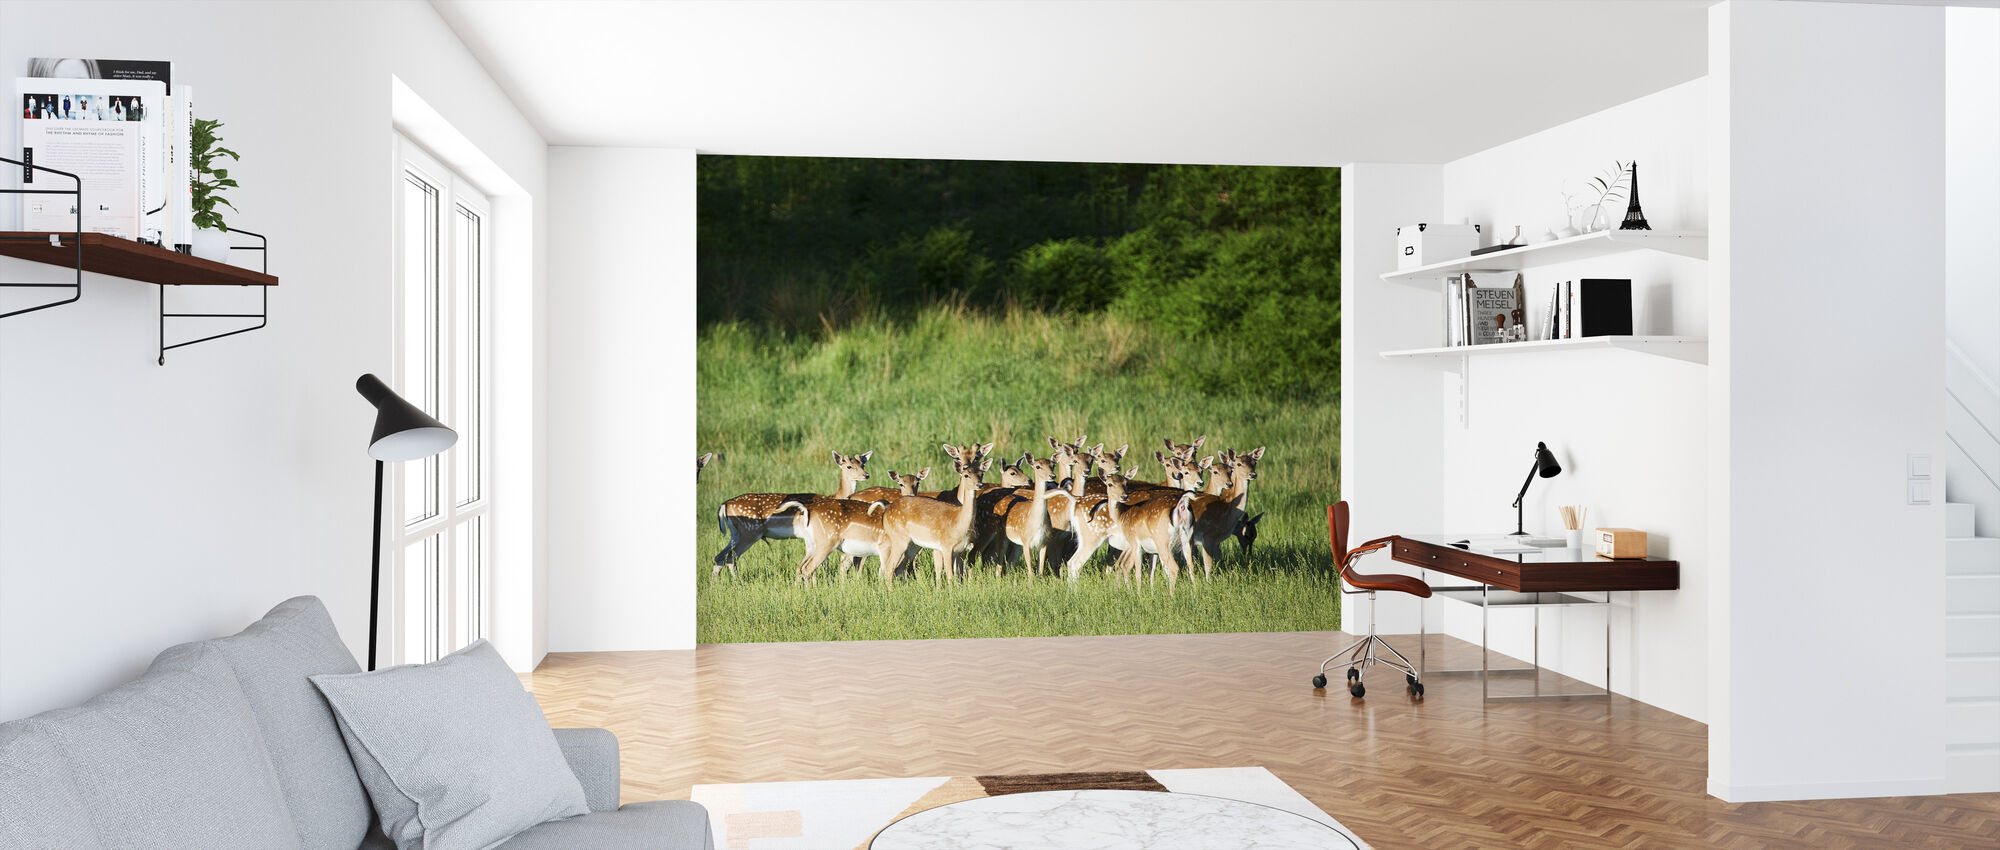 Fallow Deers - Wallpaper - Office